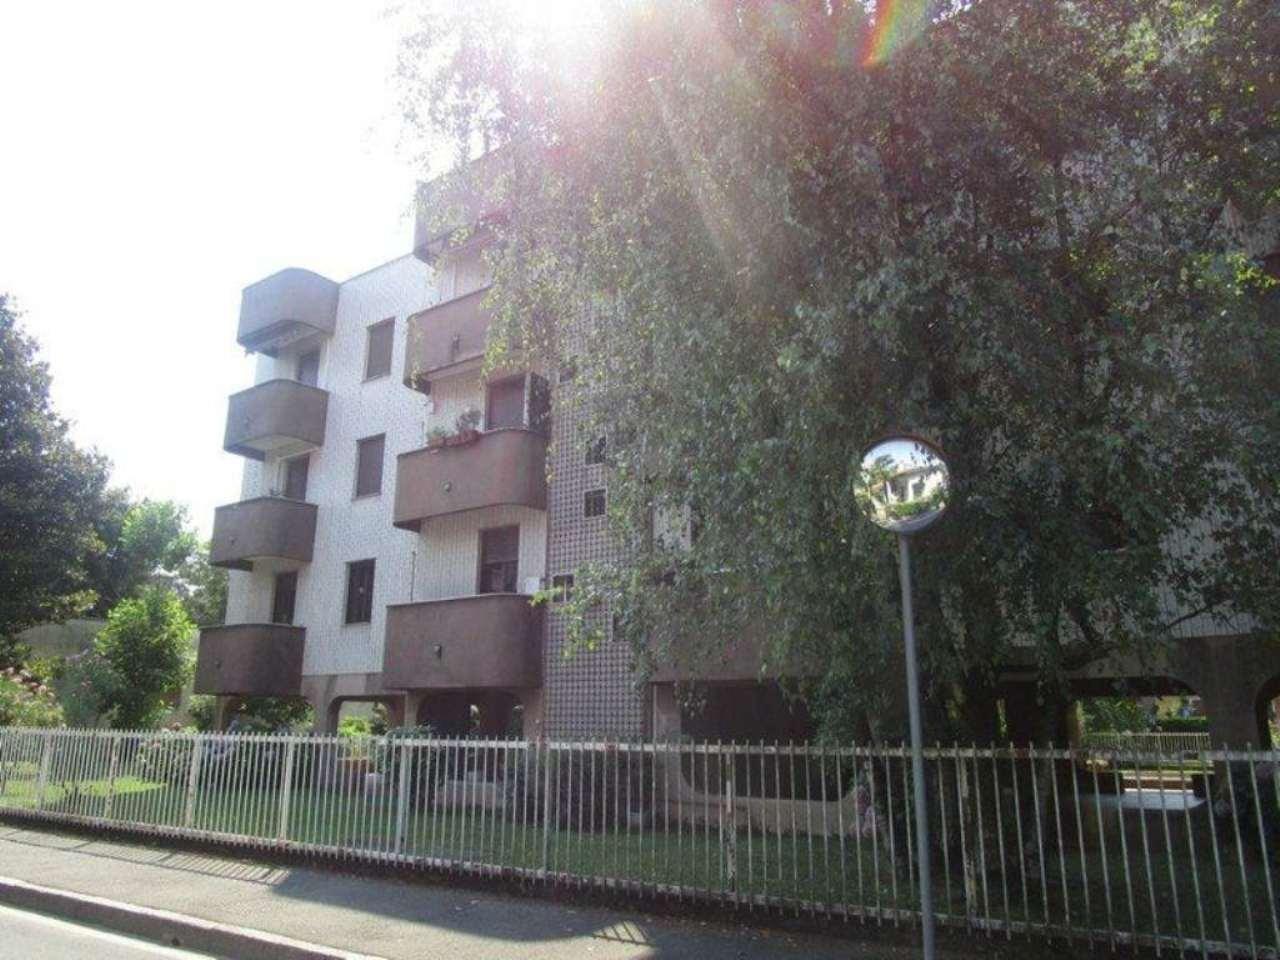 Monza Affitto APPARTAMENTO Immagine 2